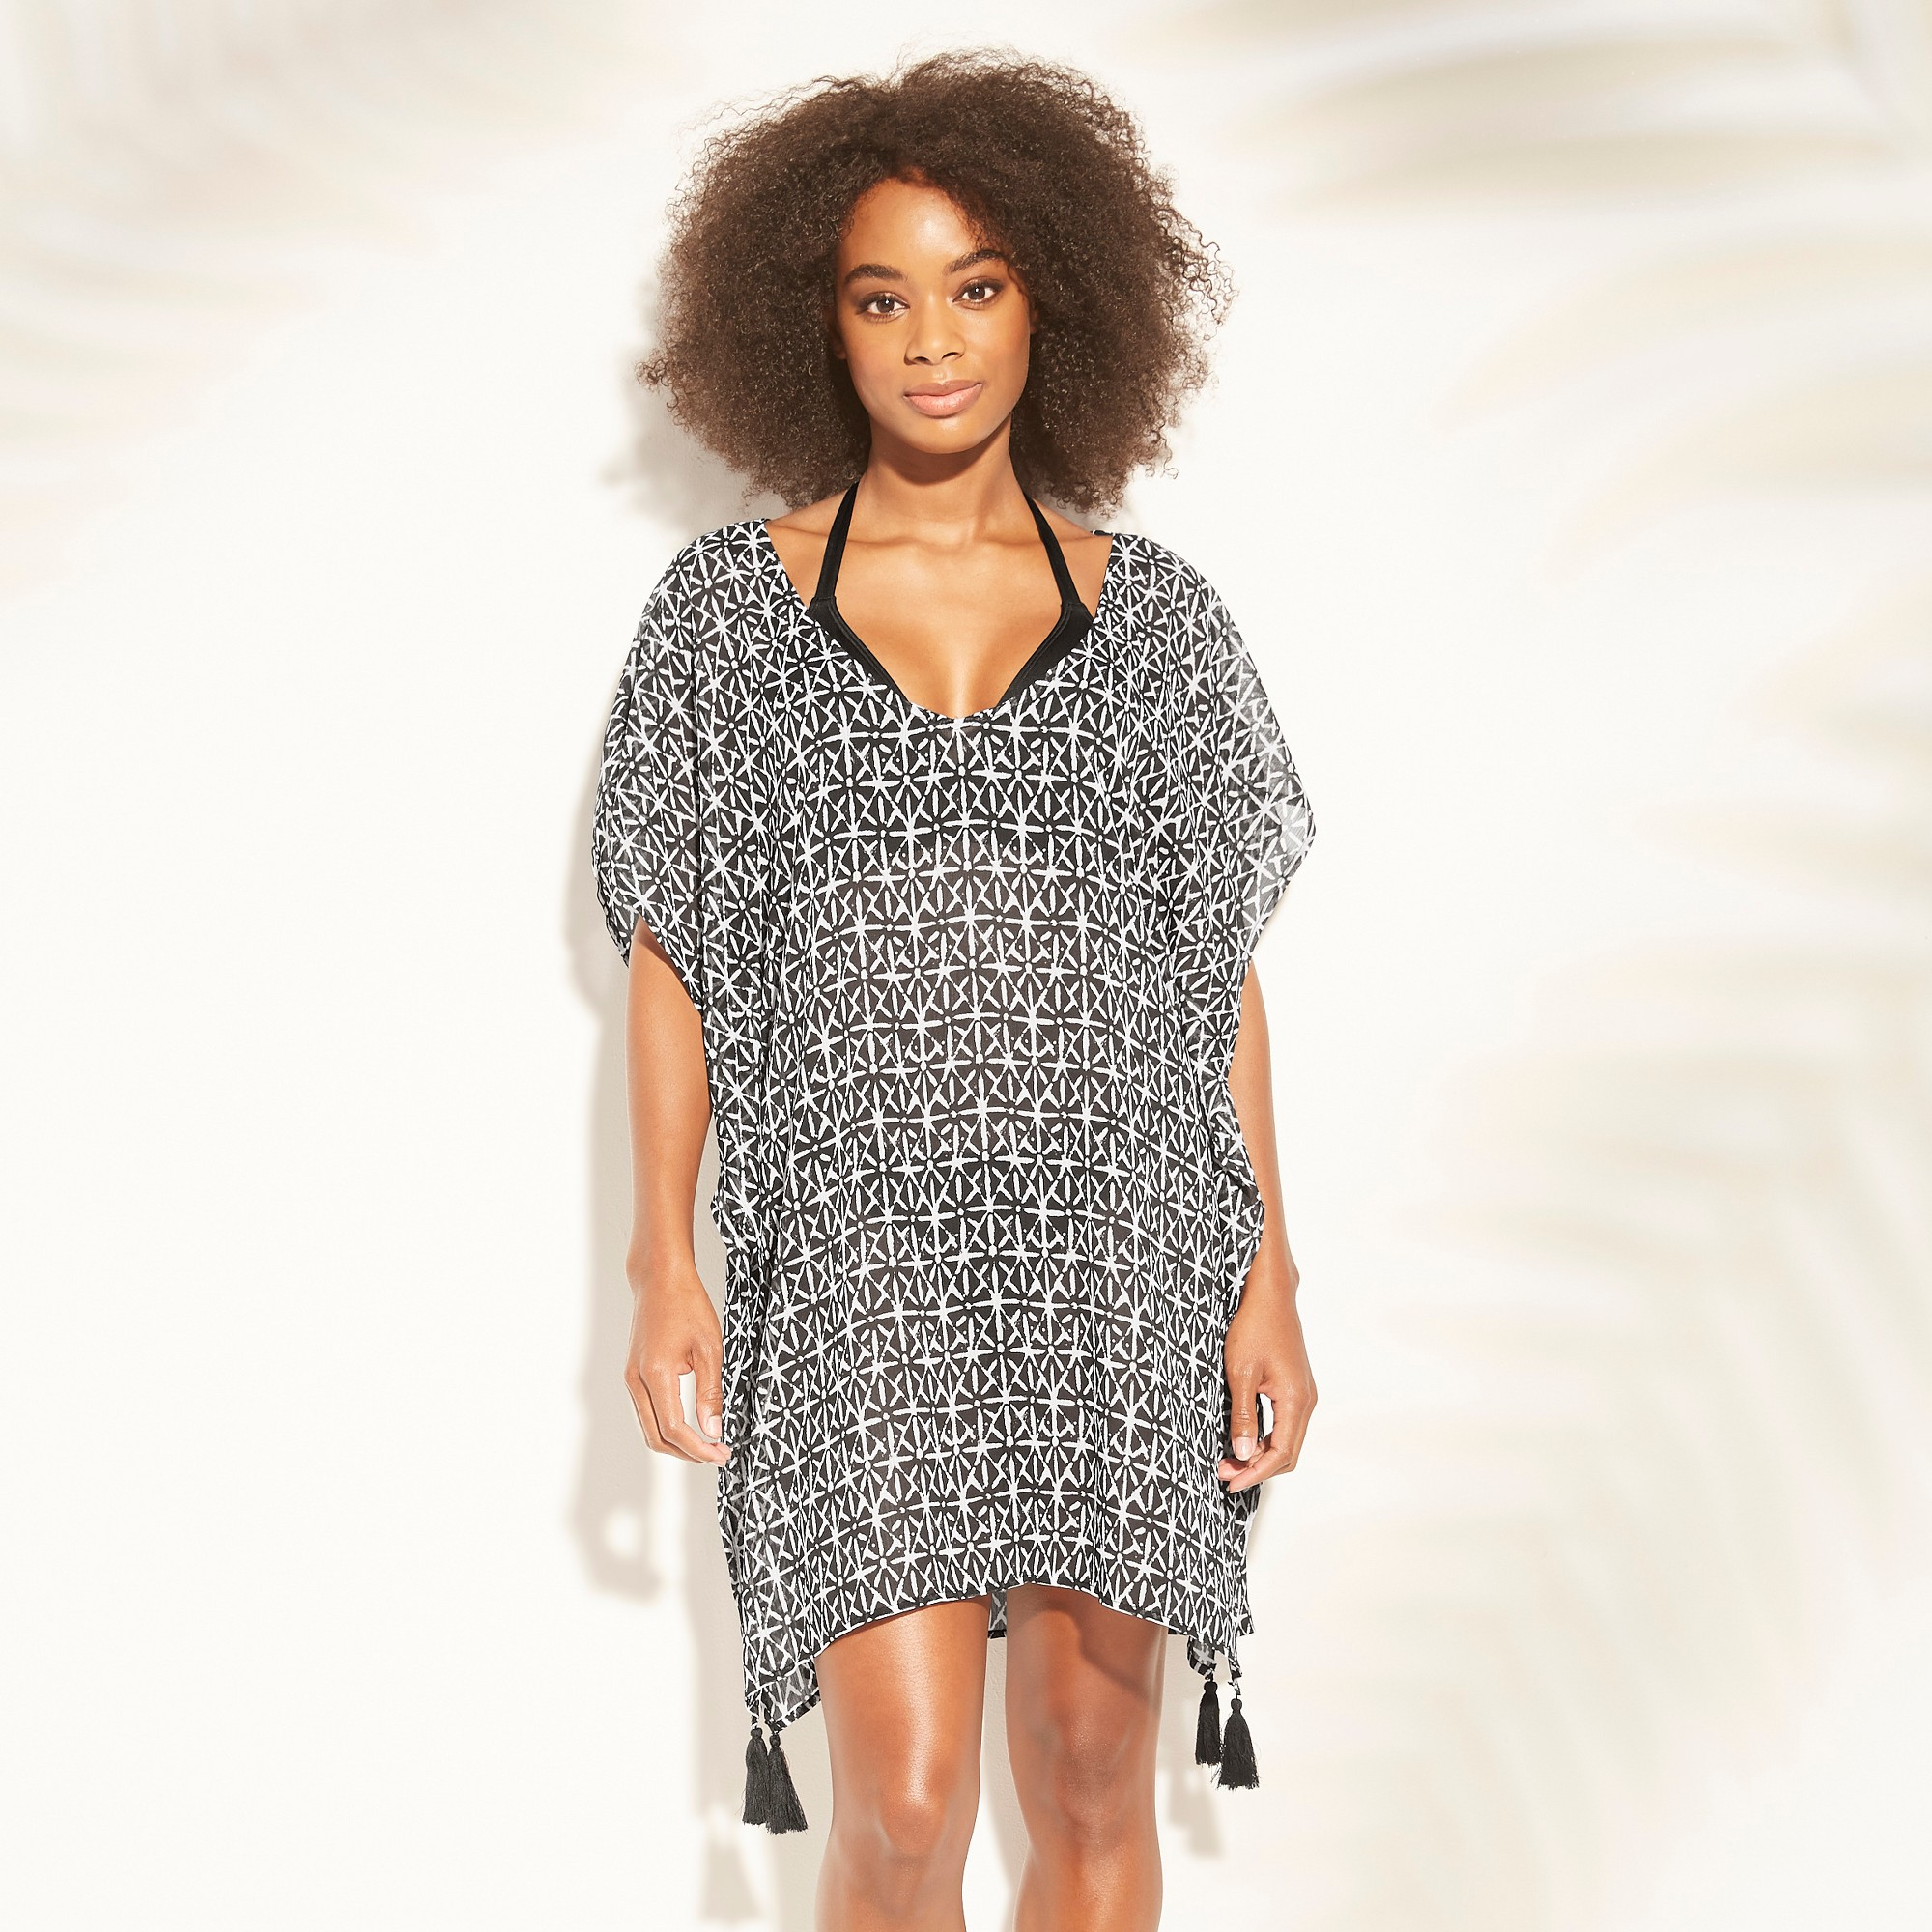 Women's Lattice Back Chiffon Kaftan Cover Up Dress - Kona Sol Black Print M, Black/White